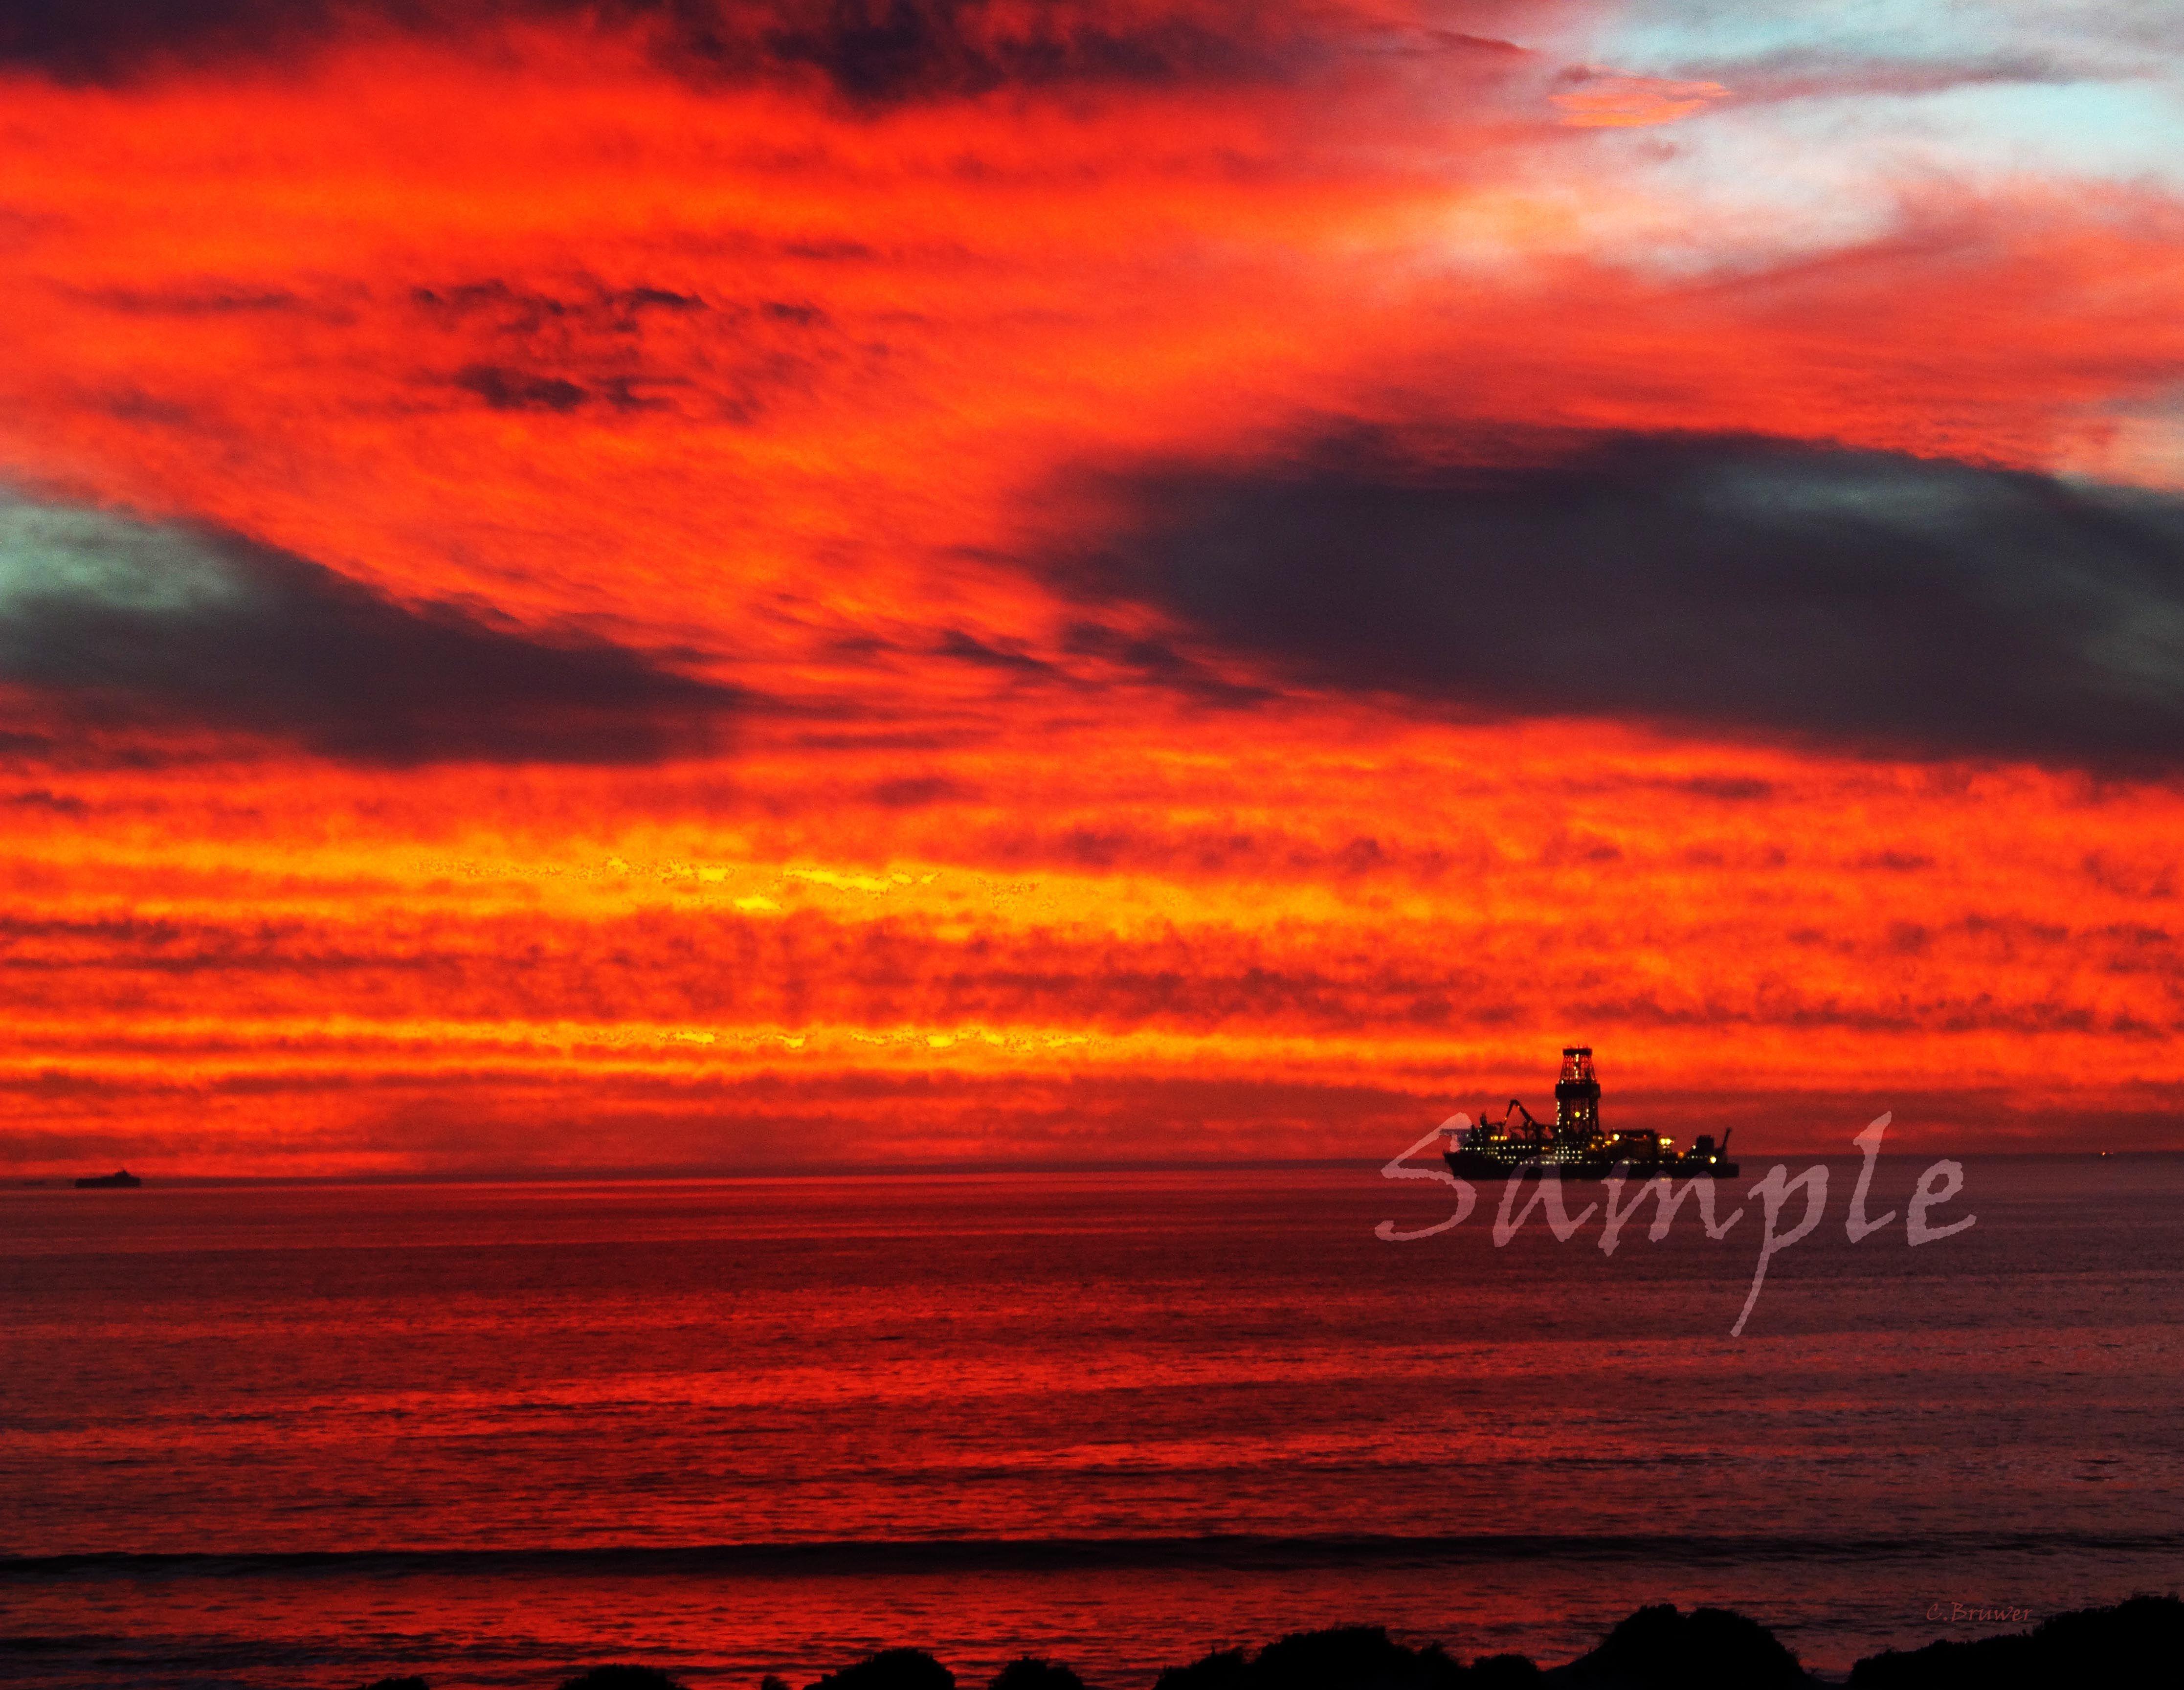 Dusk Sunset Dolphin Beach Cape Town South Africa By Charl Bruwer Cape Town South Africa Sunset Africa